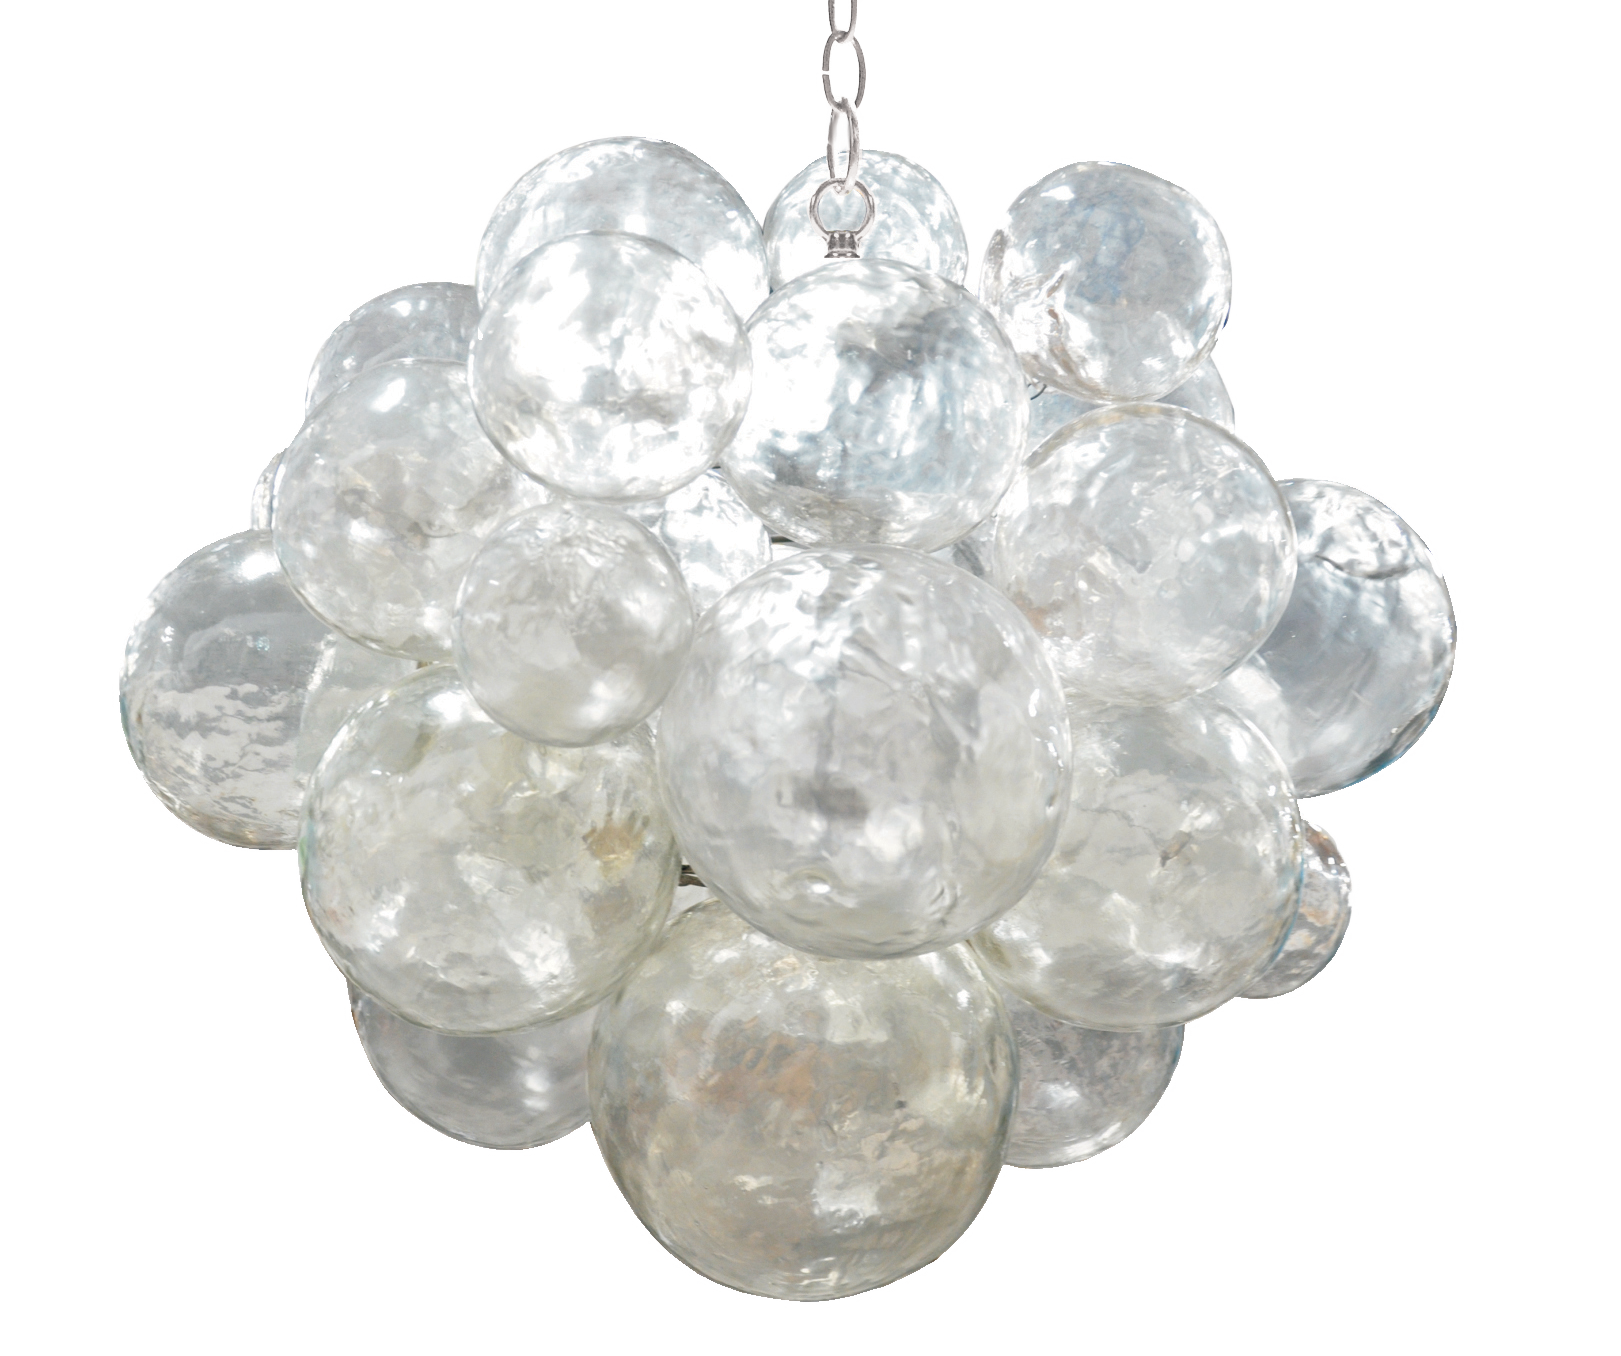 Muriel chandelier cast resin wbubbles includes canopy 3 foot muriel chandelier cast resin wbubbles includes canopy 3 foot chain arubaitofo Choice Image